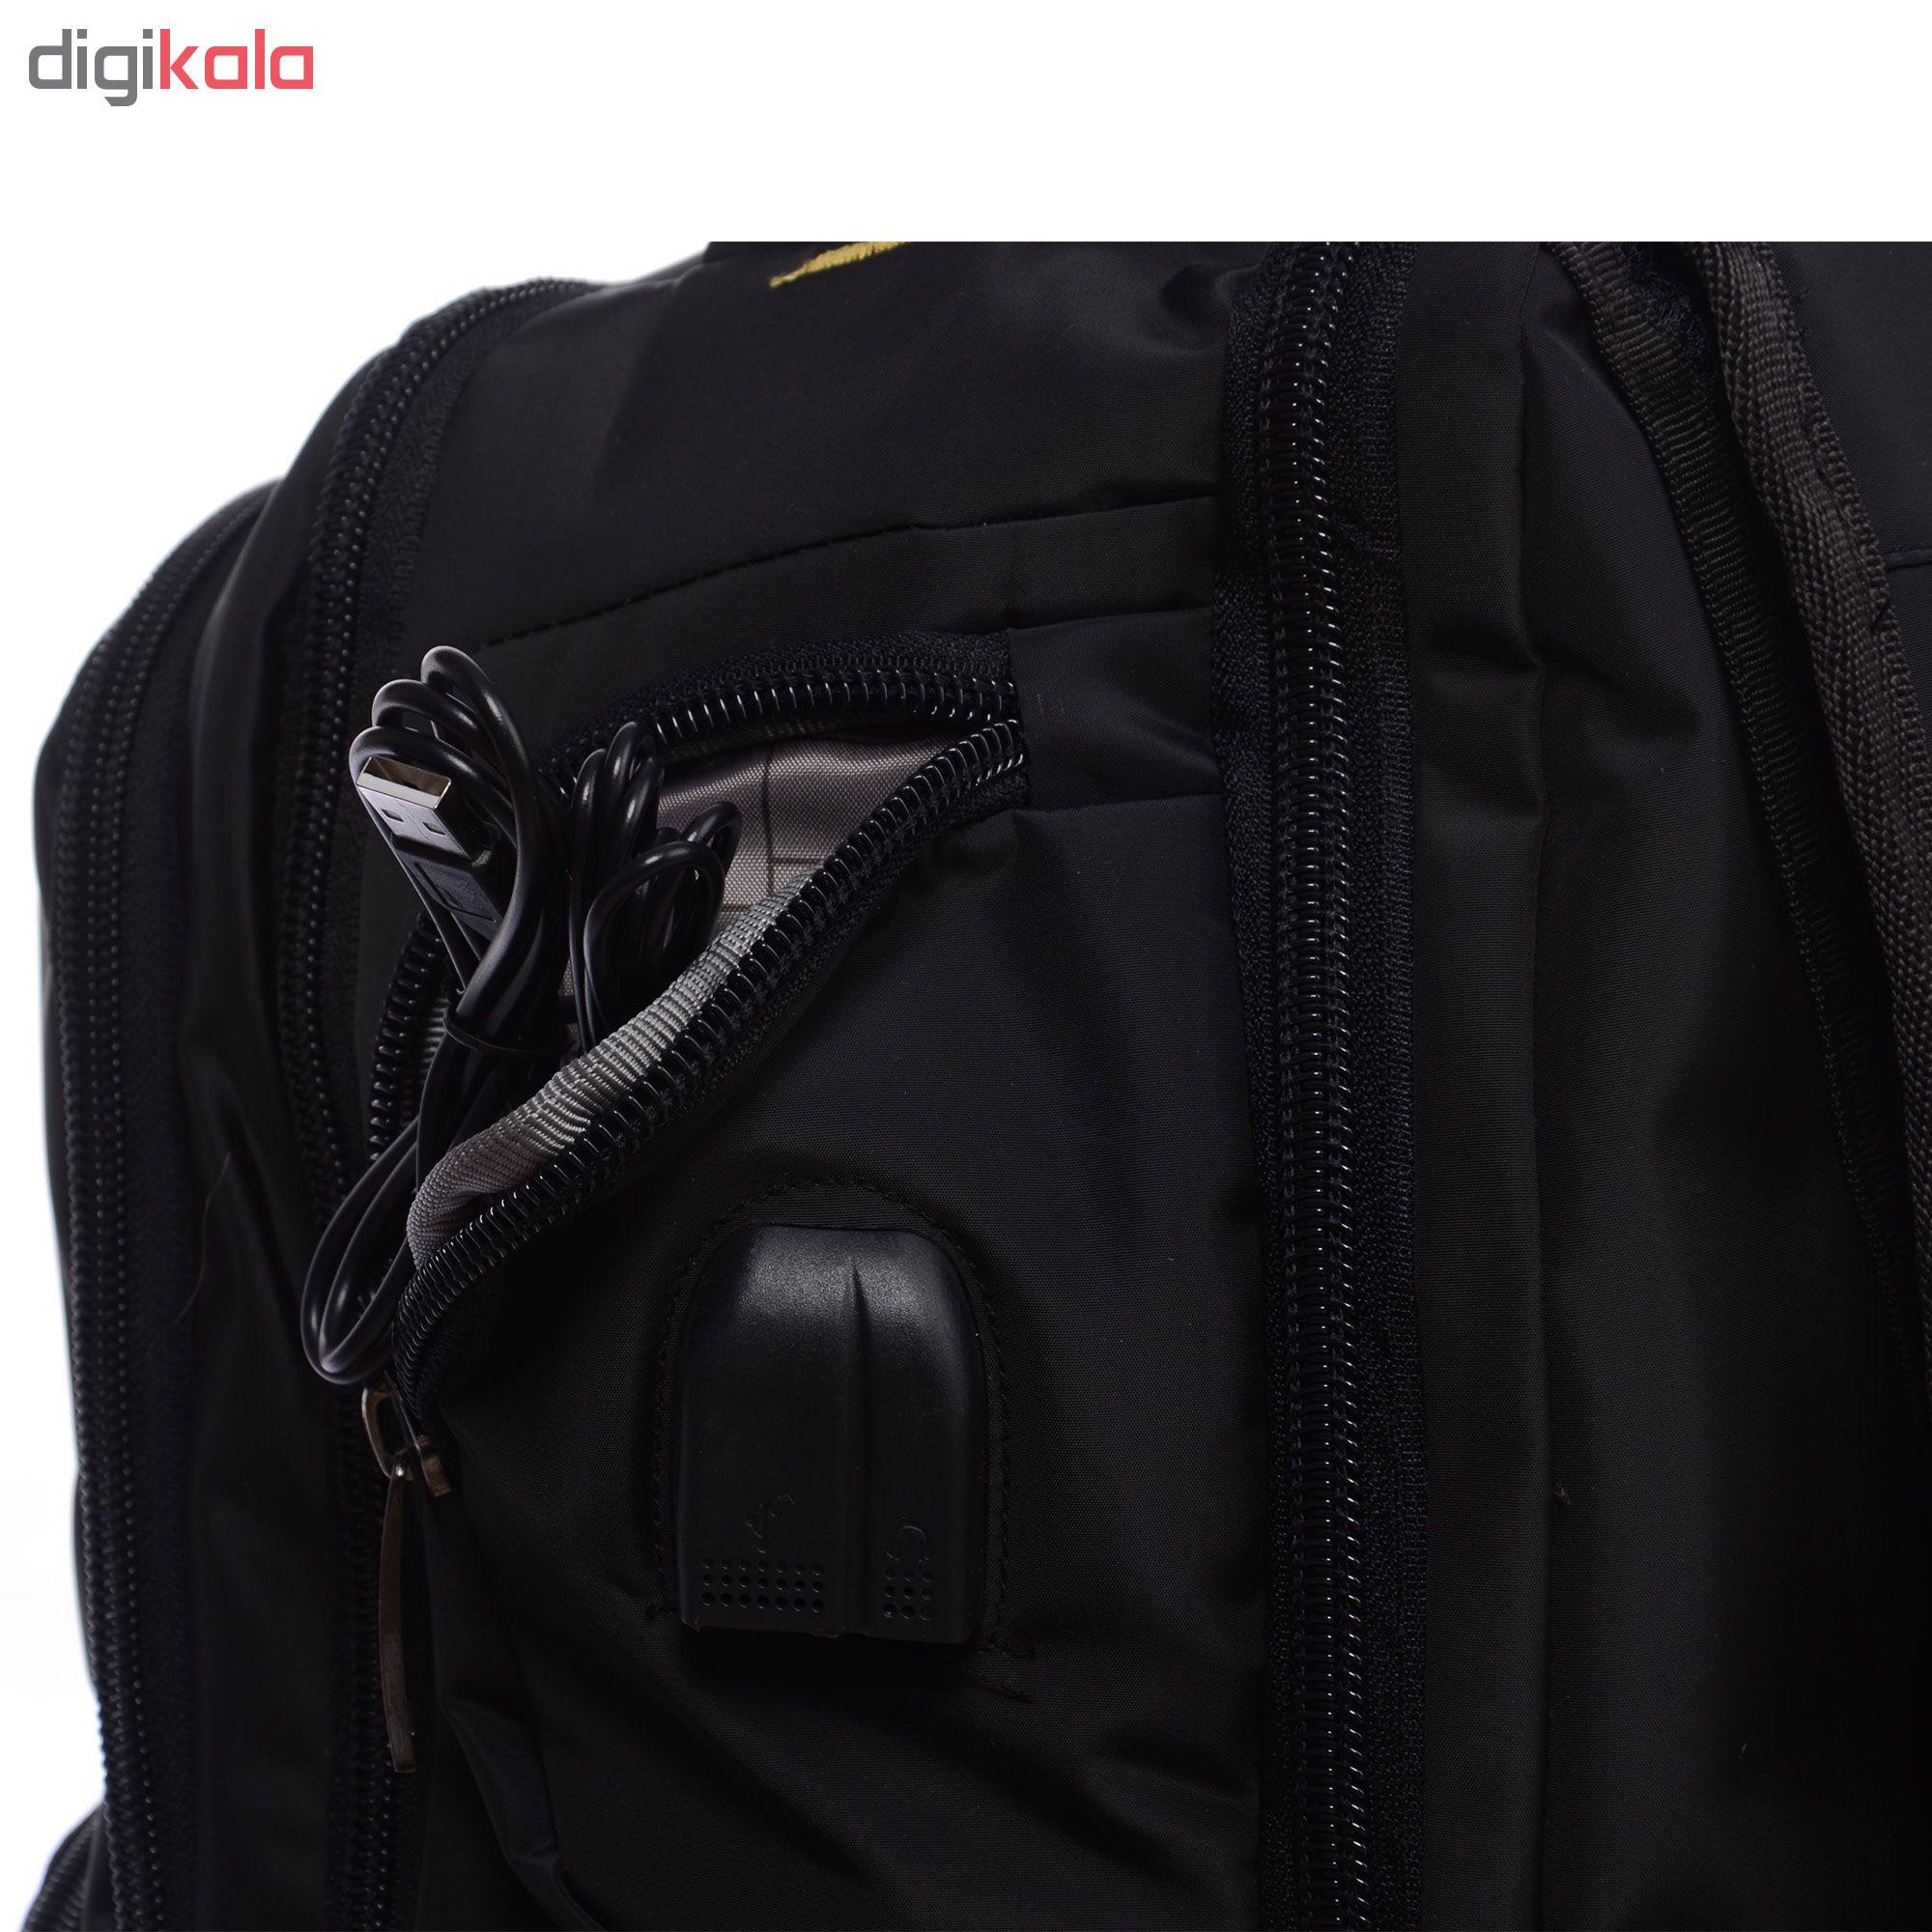 کوله پشتی لپ تاپ کاترپیلار مدل CP13 مناسب برای لپ تاپ 14 اینچی